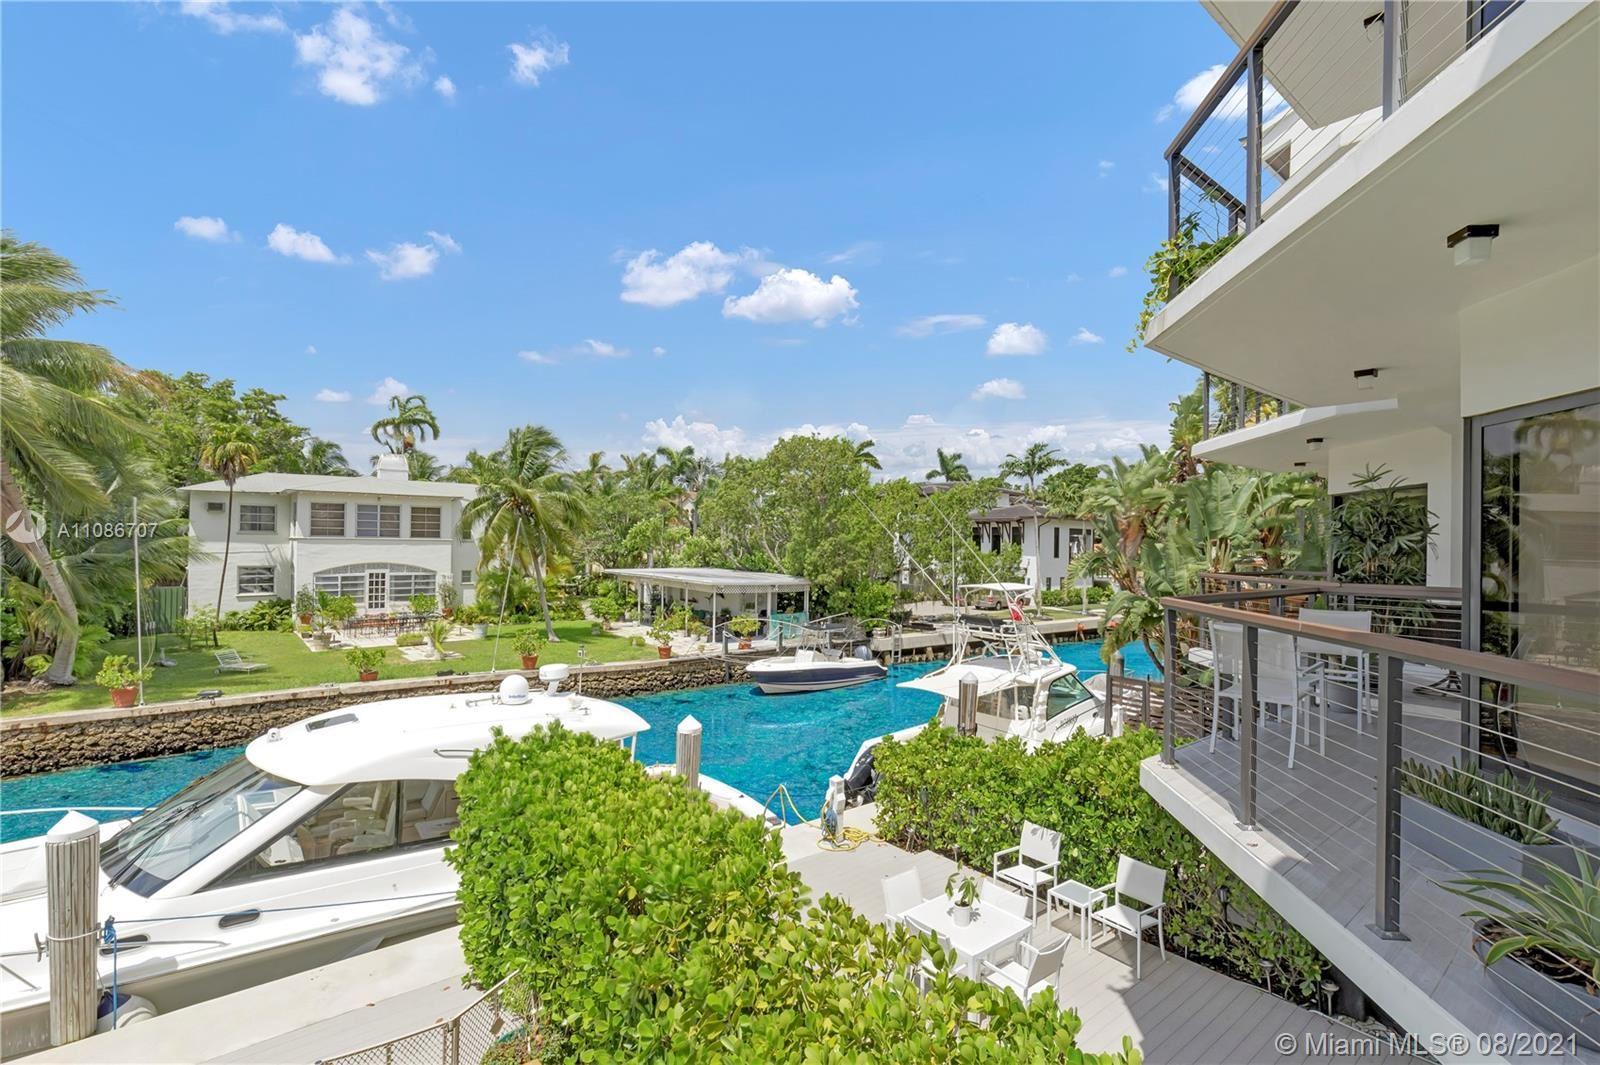 3564 W Fairview St #B3, Miami, FL 33133 - #: A11086707